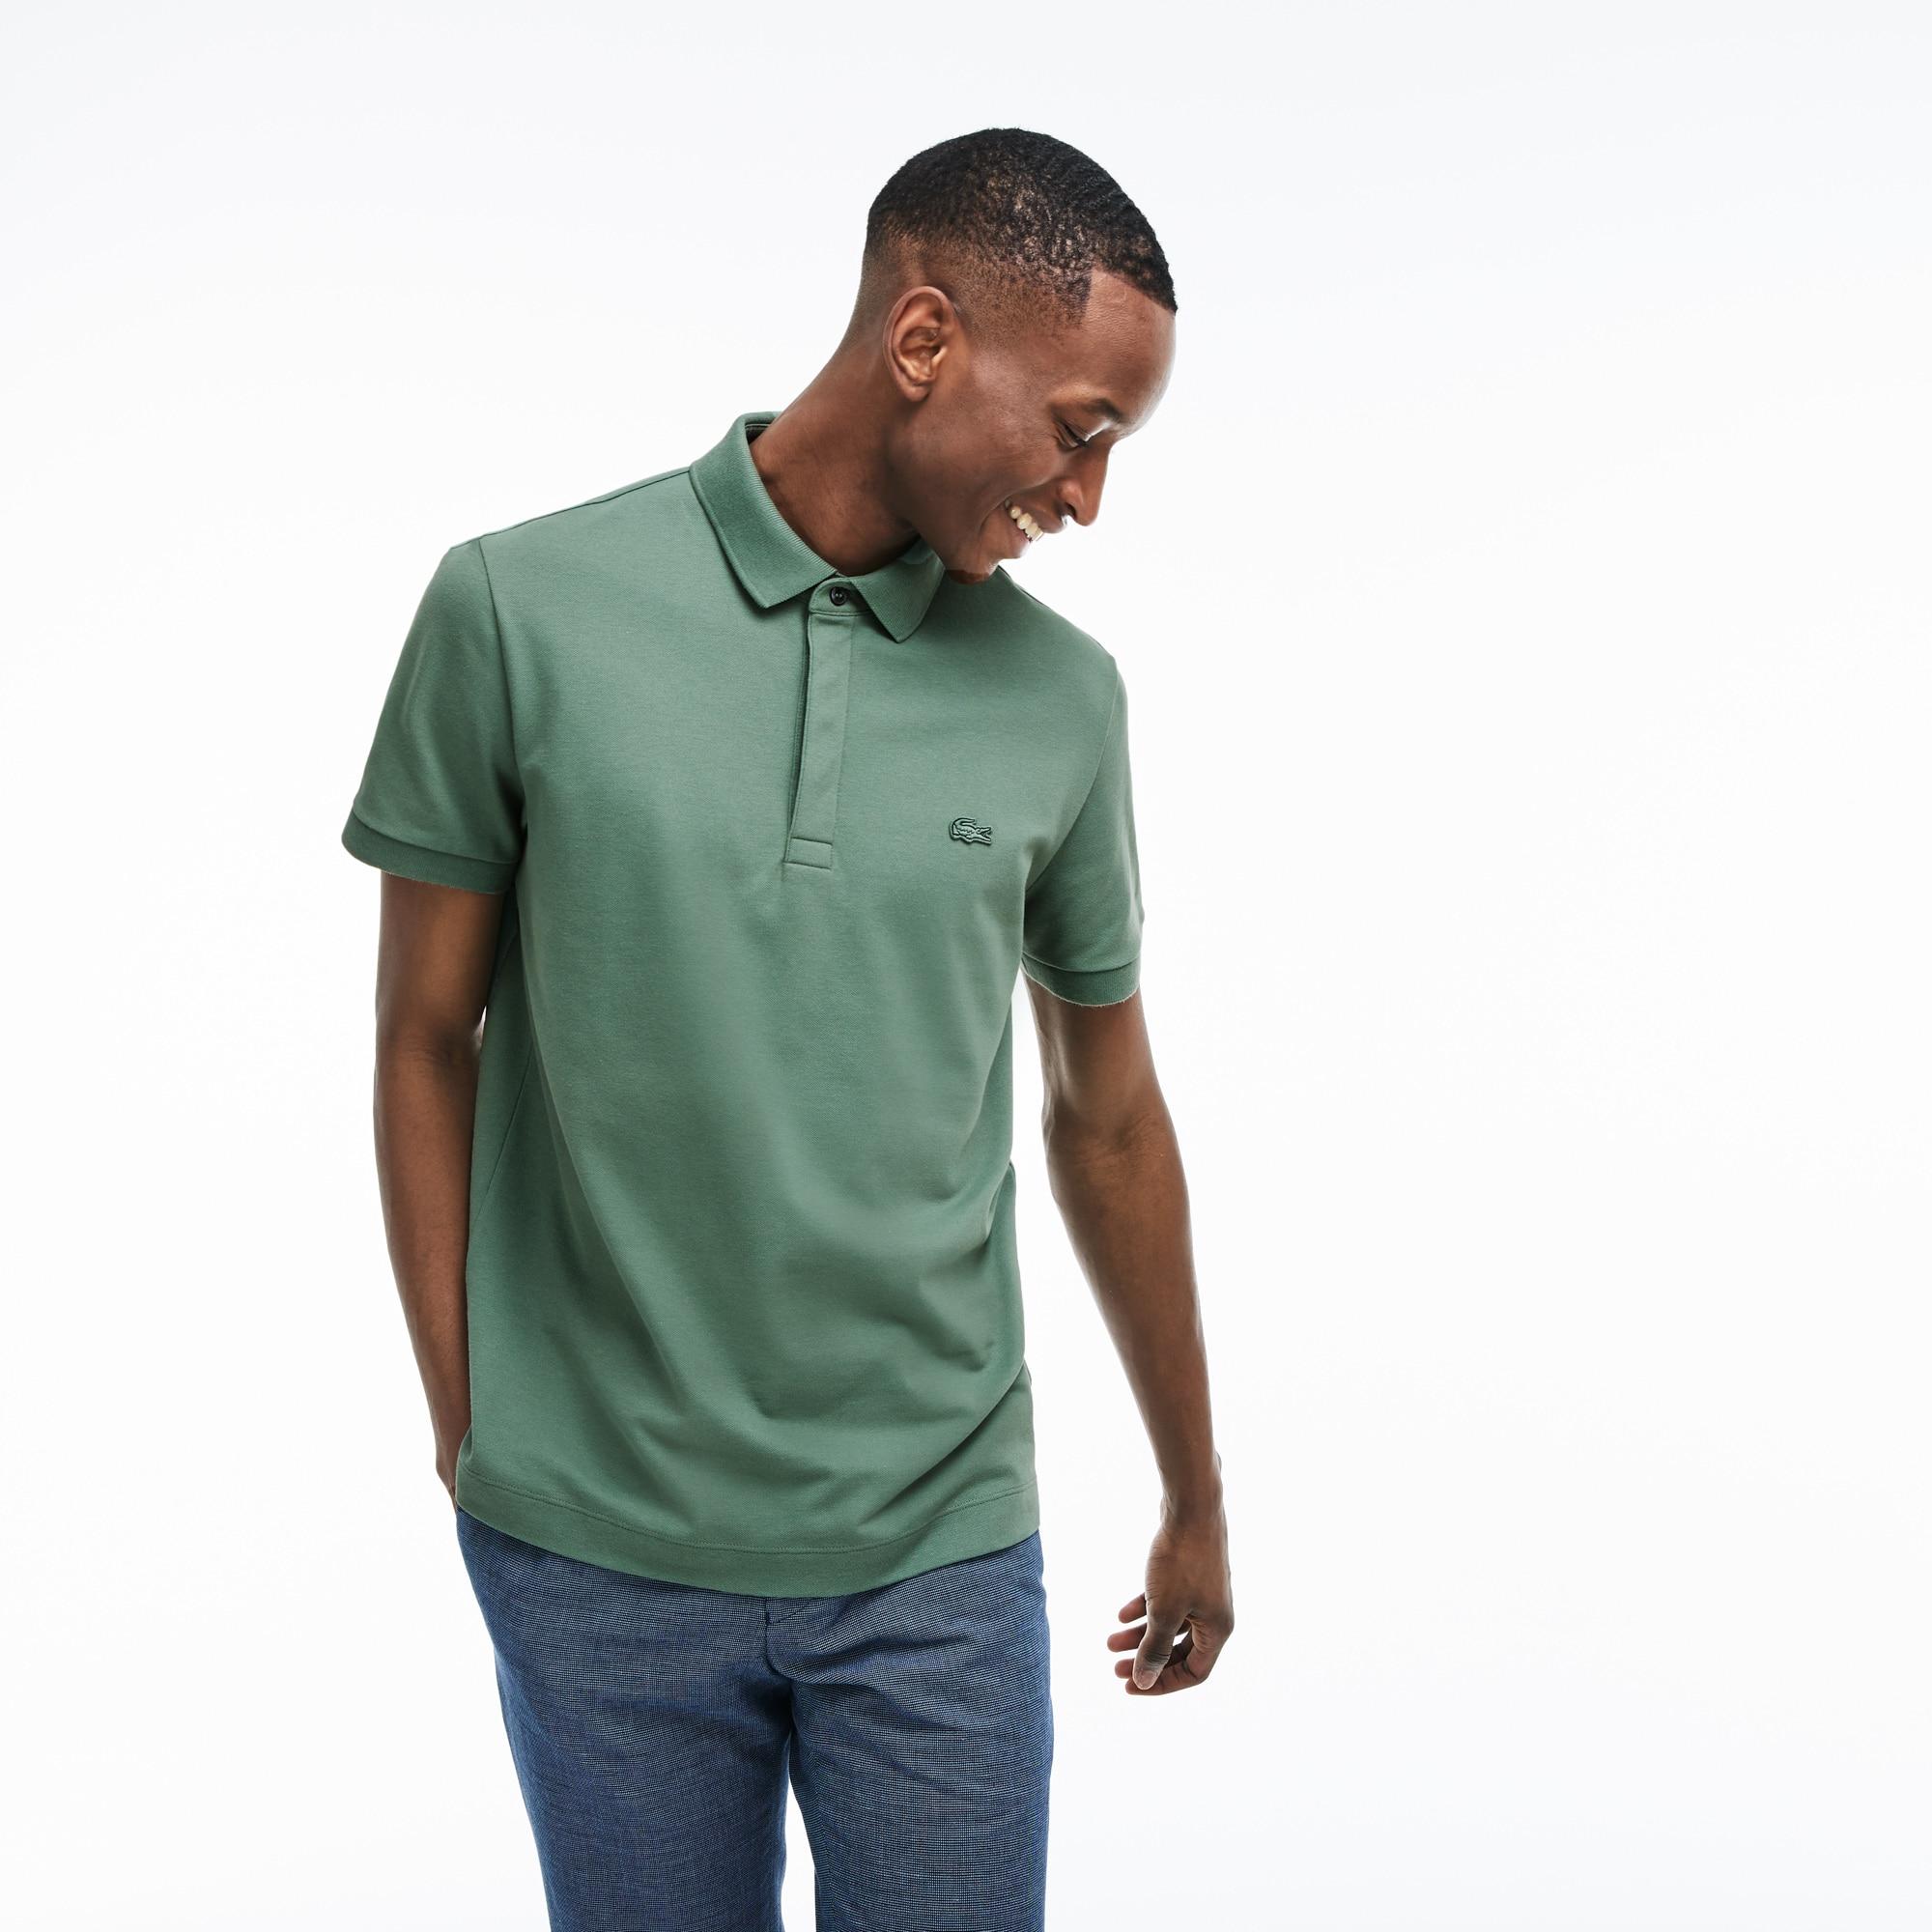 cba26ed3ea Men's Lacoste Paris Polo Shirt Regular Fit Stretch Cotton Piqué ...